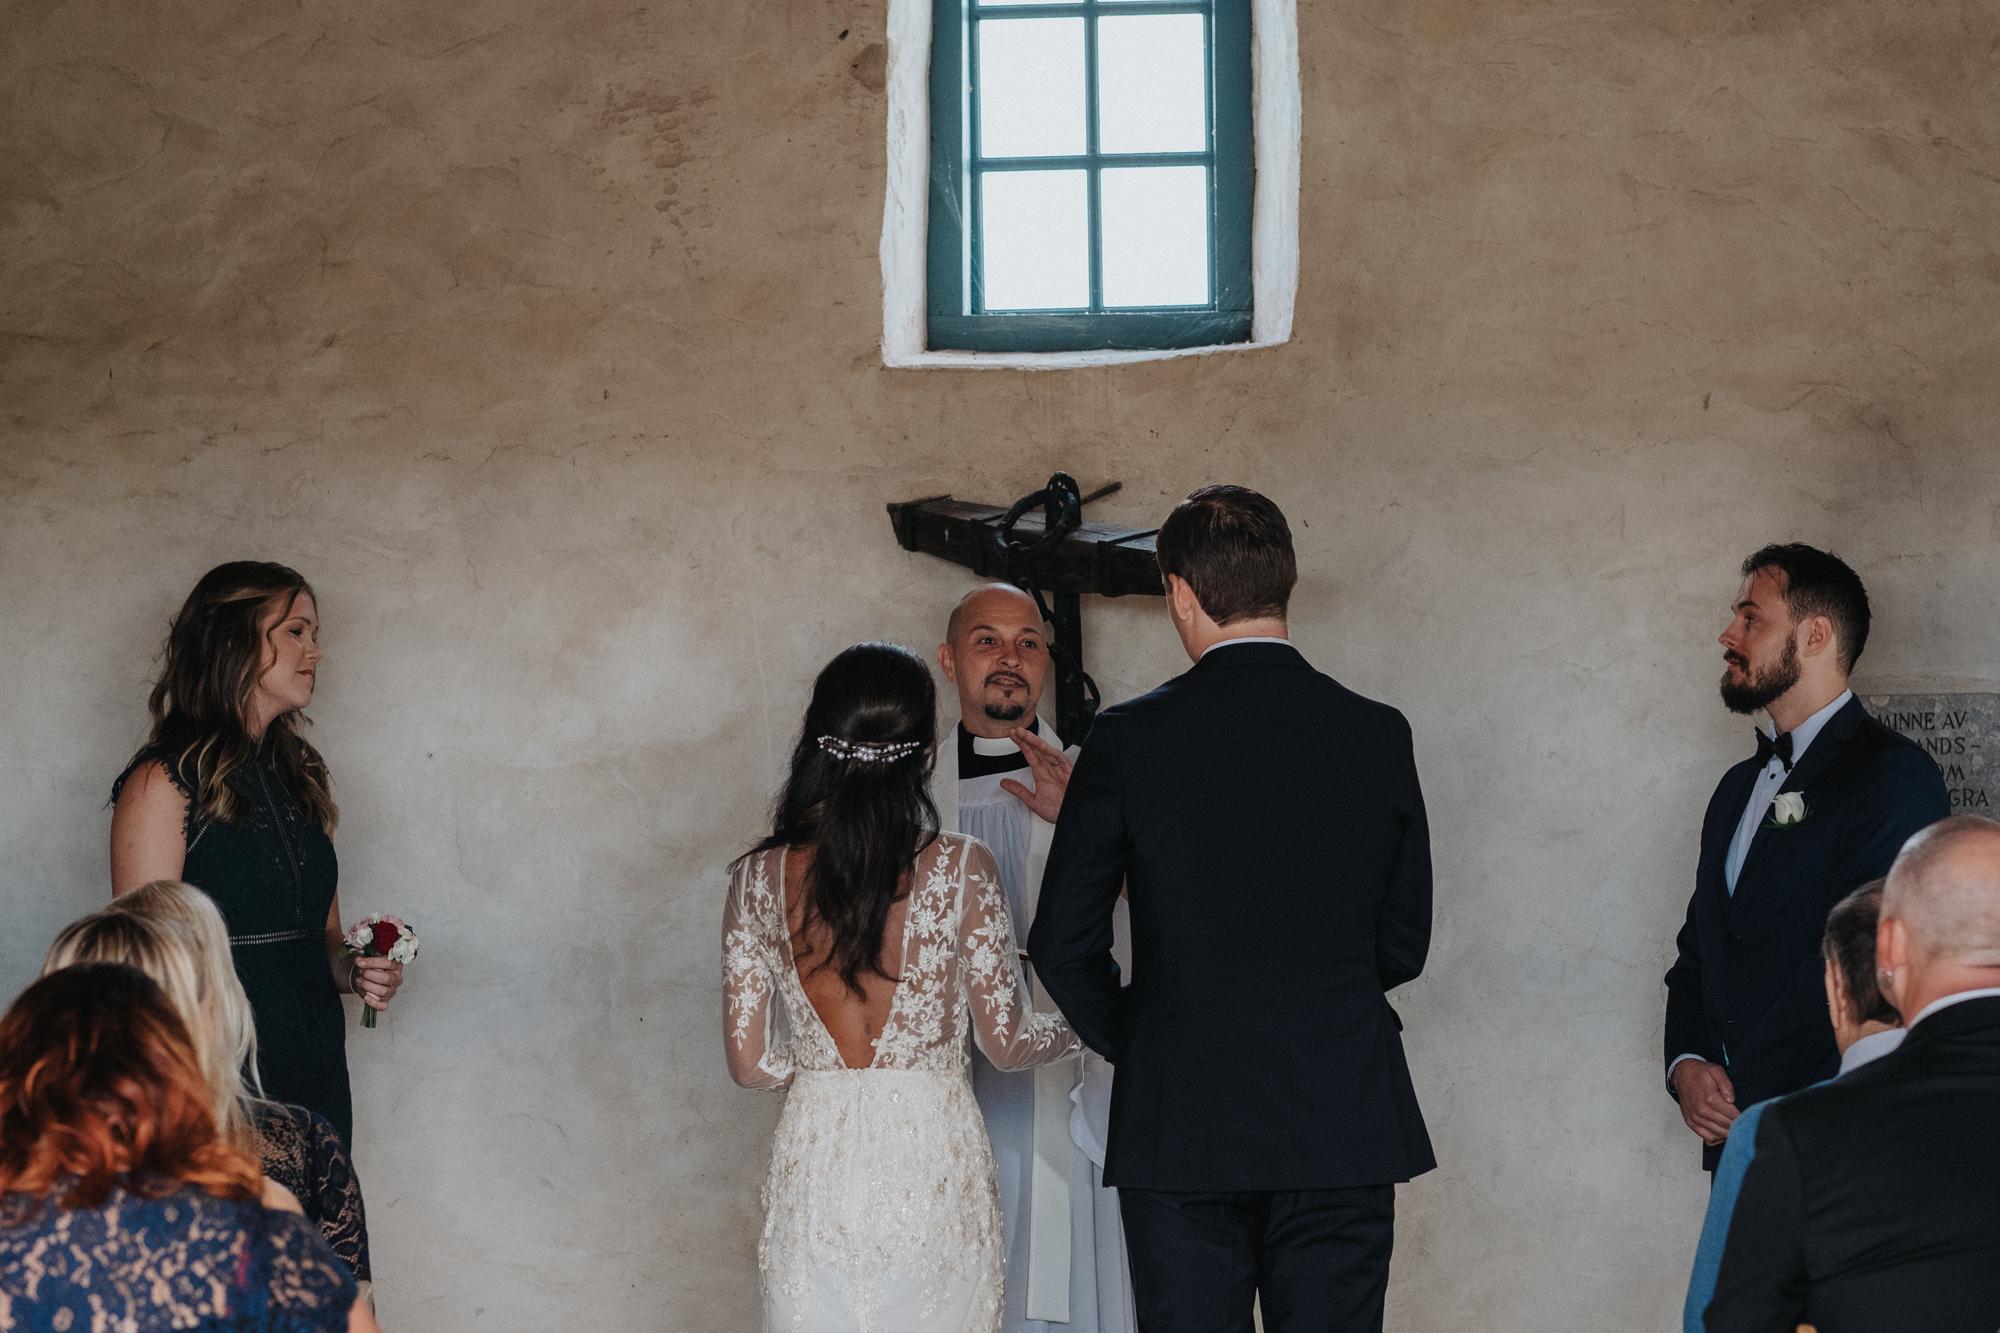 009-bröllop-kovik-gotland-neas-fotografi.jpg